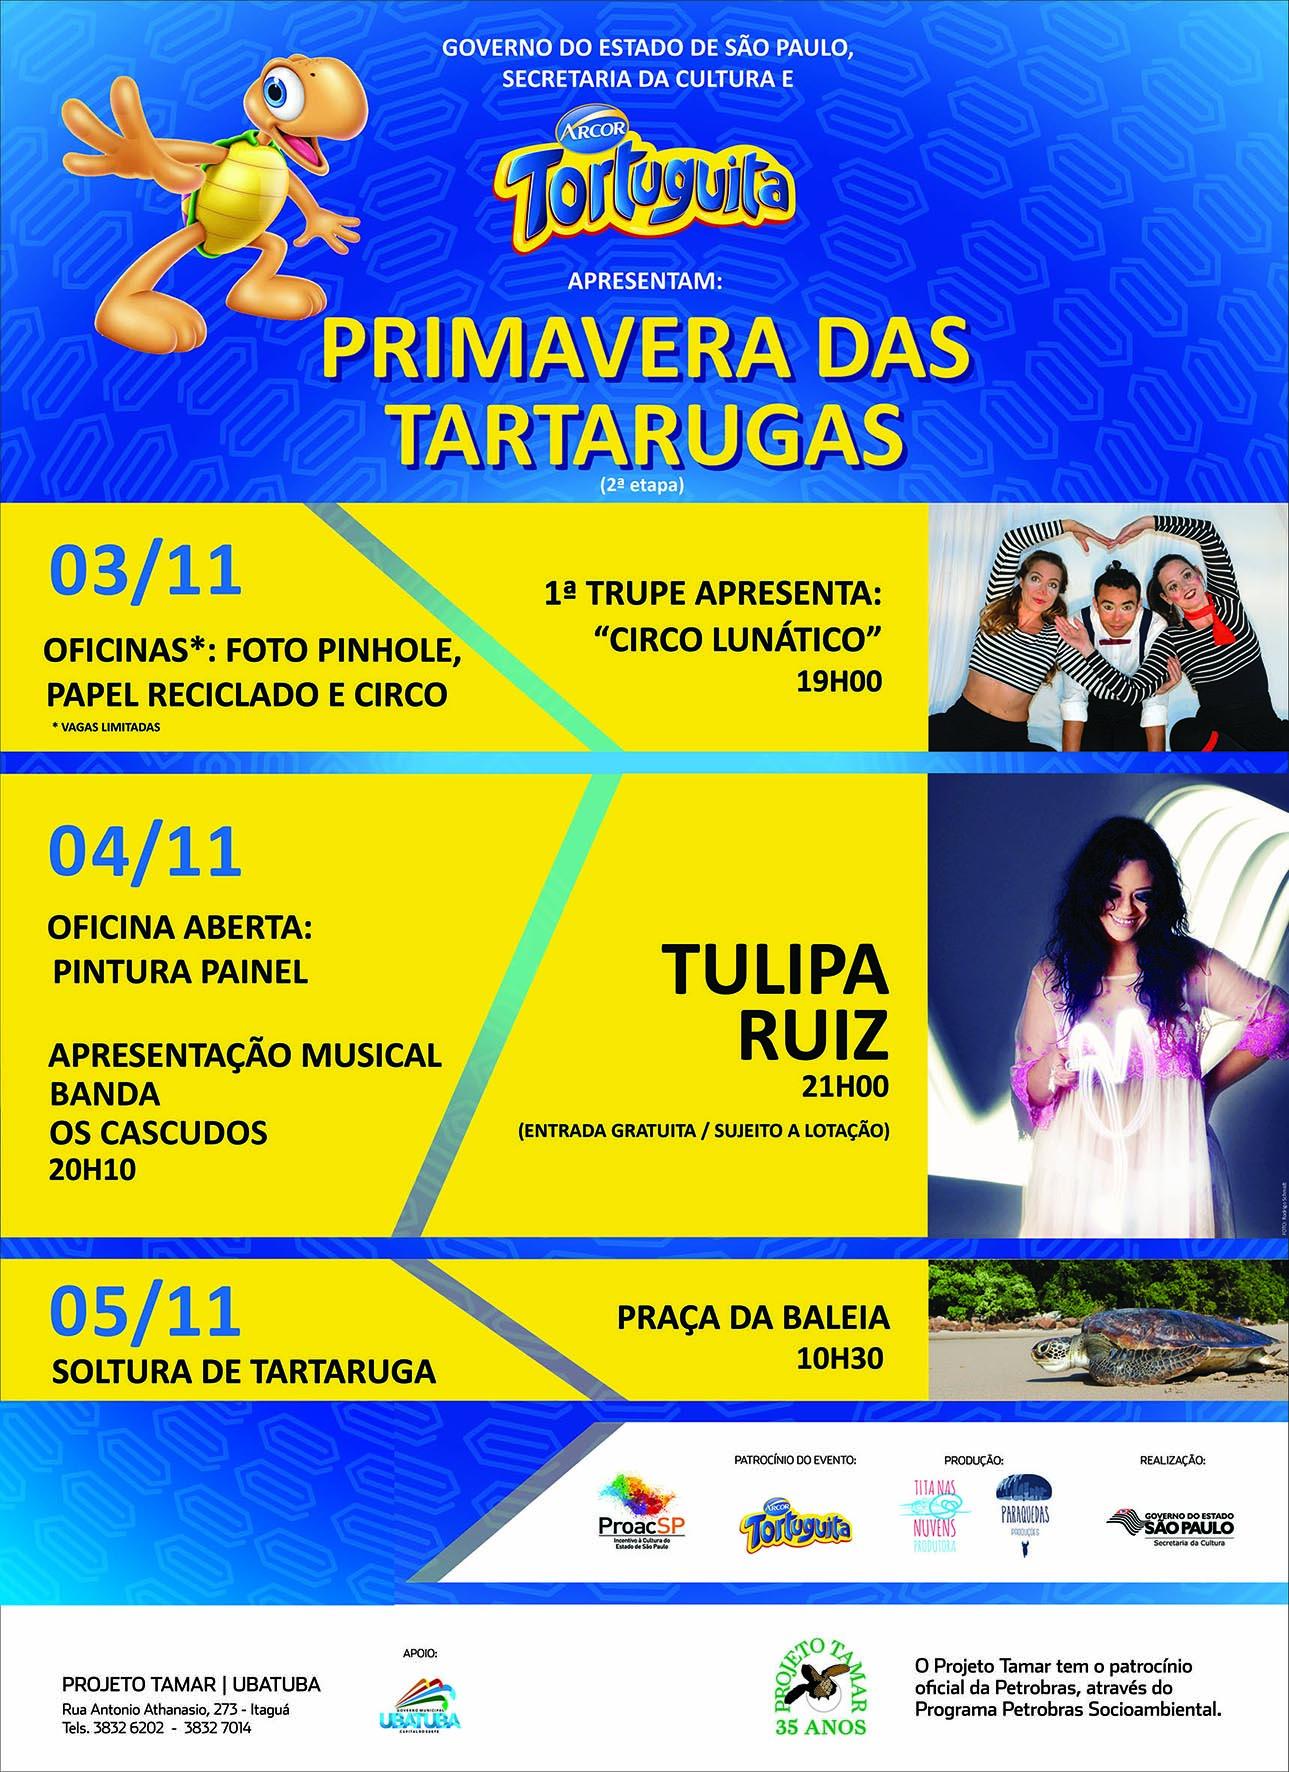 2ª etapa Primavera das Tartarugas acontece em Ubatuba